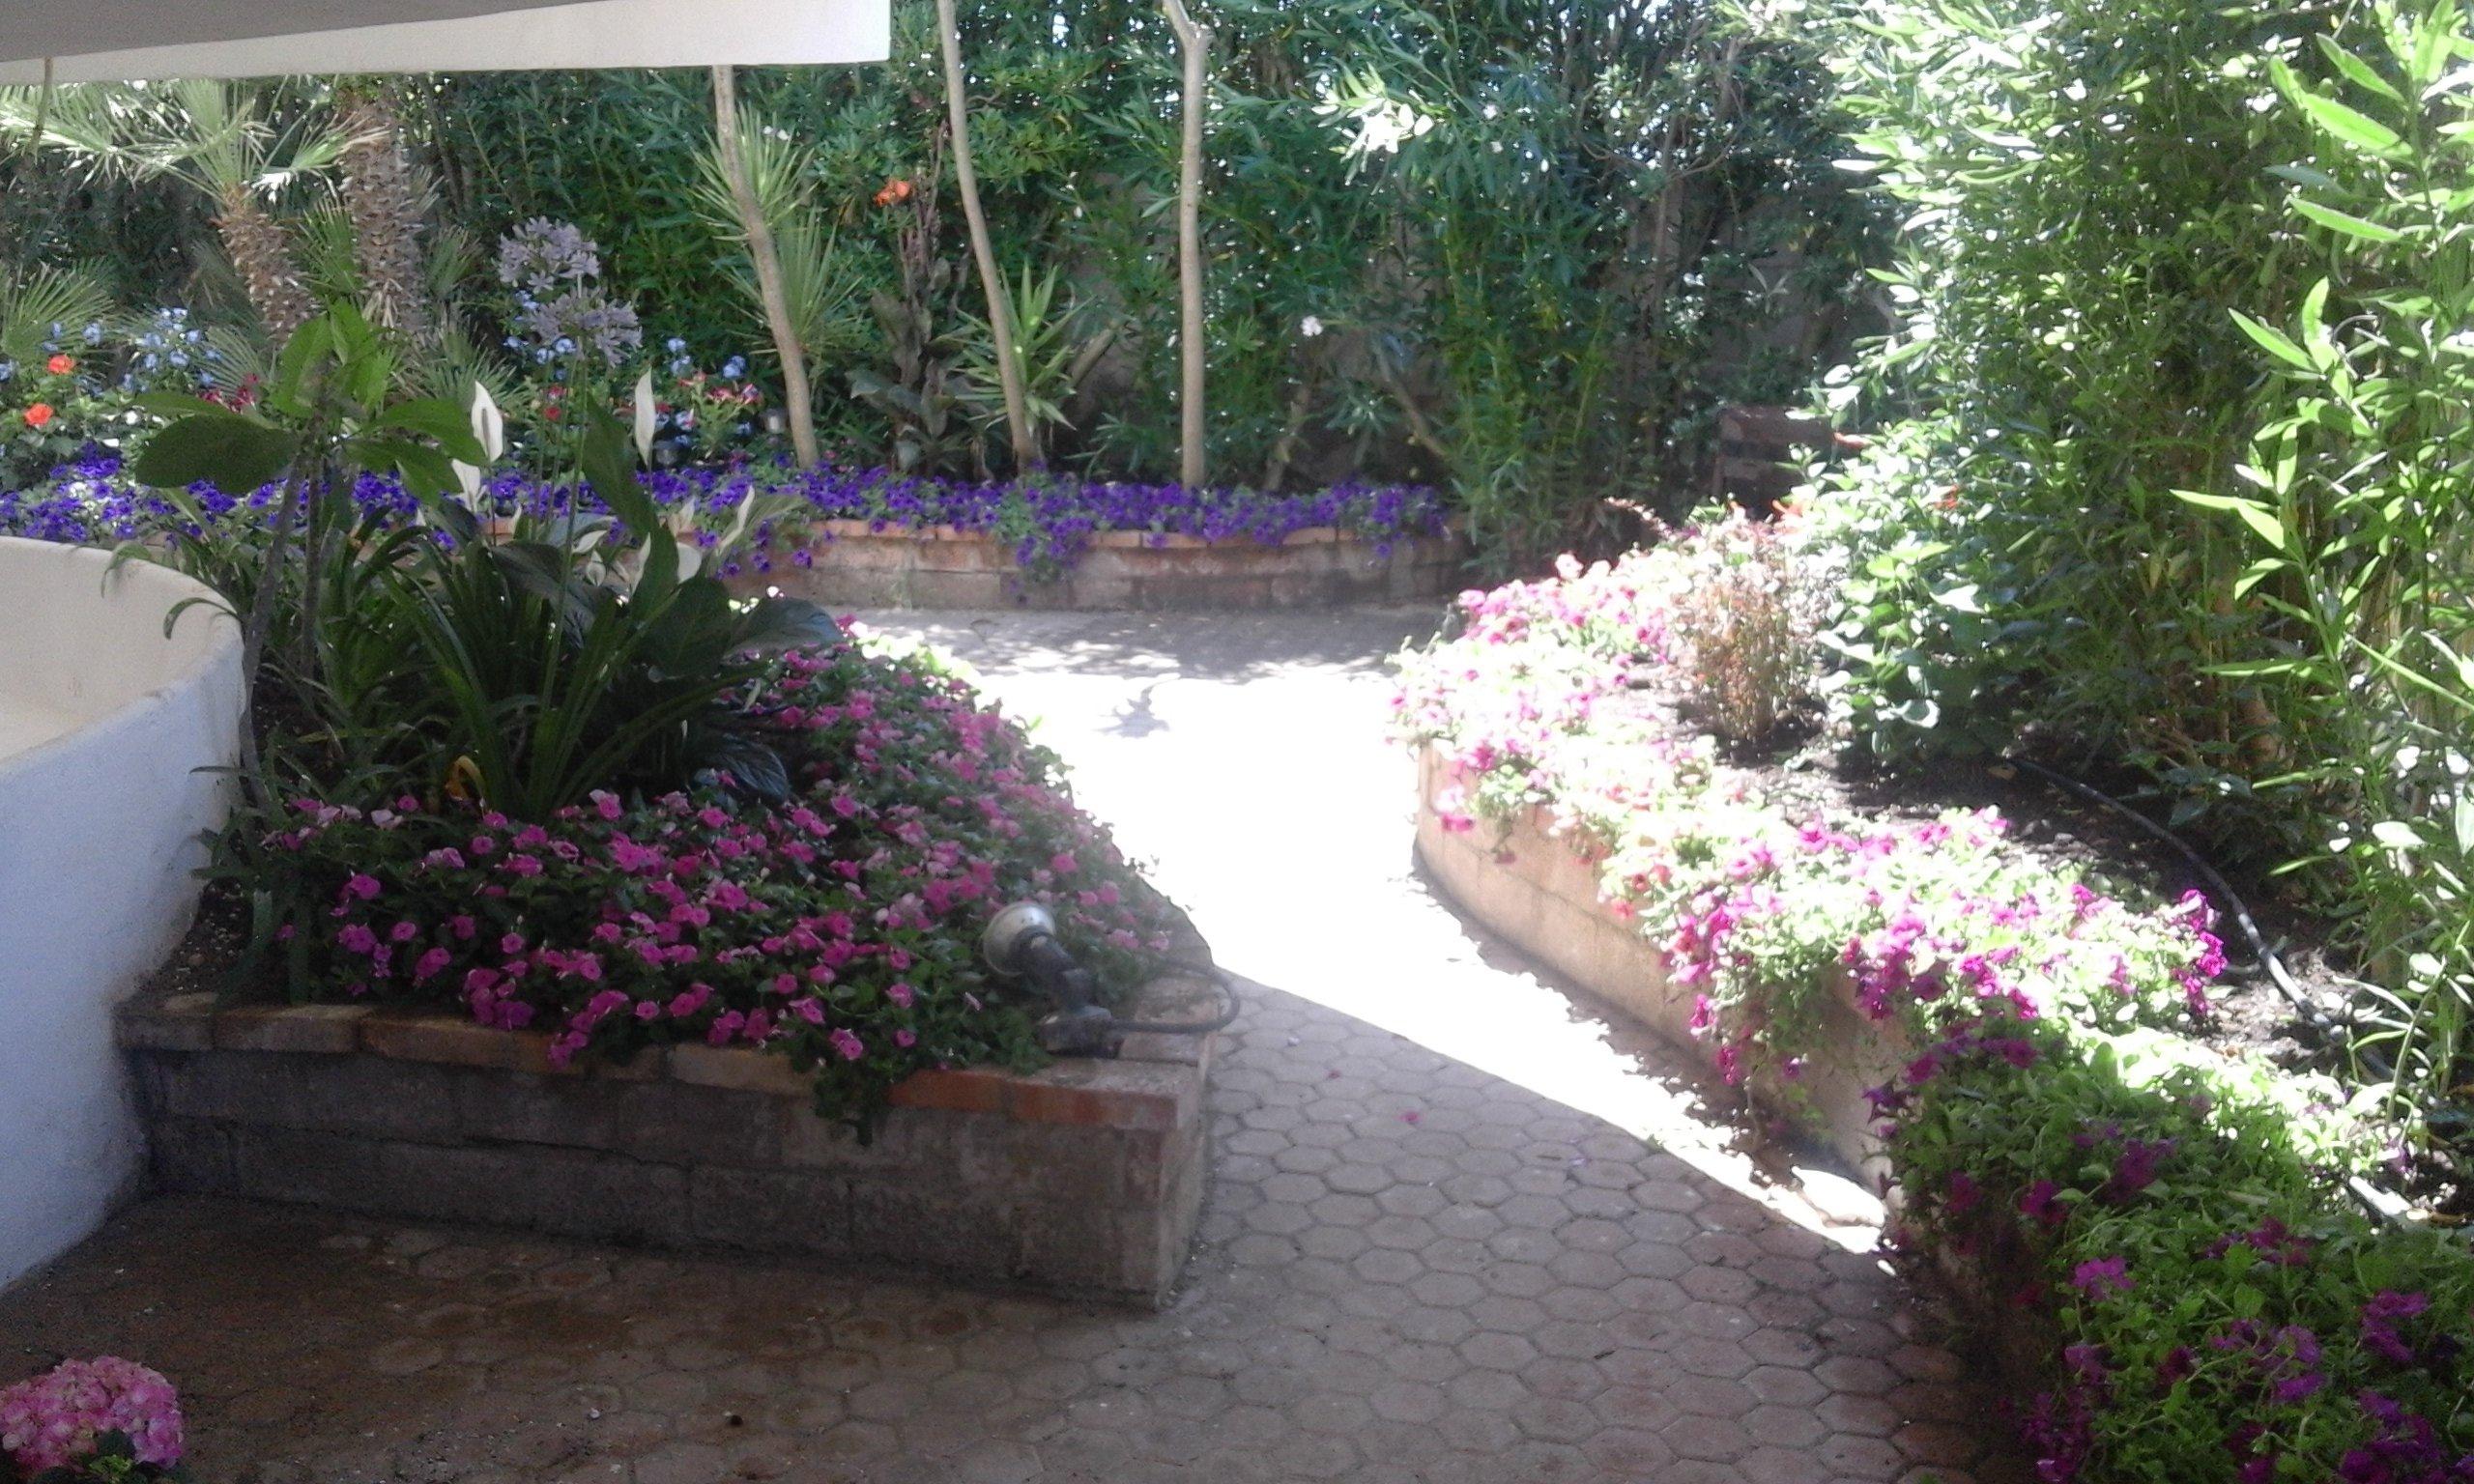 dei fiori viole e altre piante interrate dietro a dei muretti